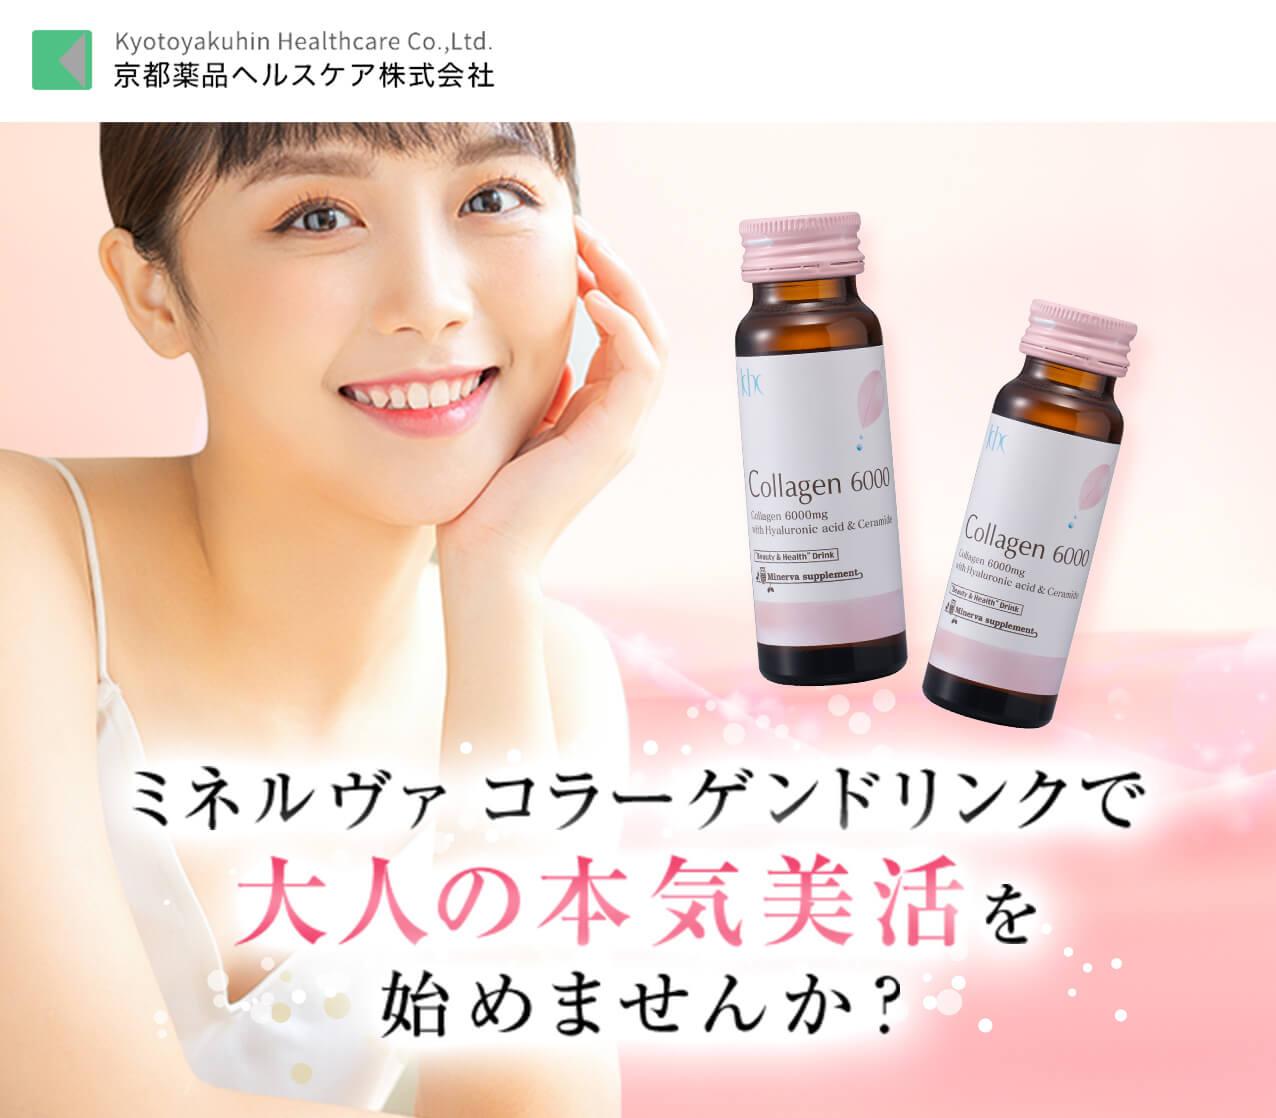 京都薬品ヘルスケア株式会社 ミネルヴァ コラーゲンドリンクで大人の本気美活を始めませんか?